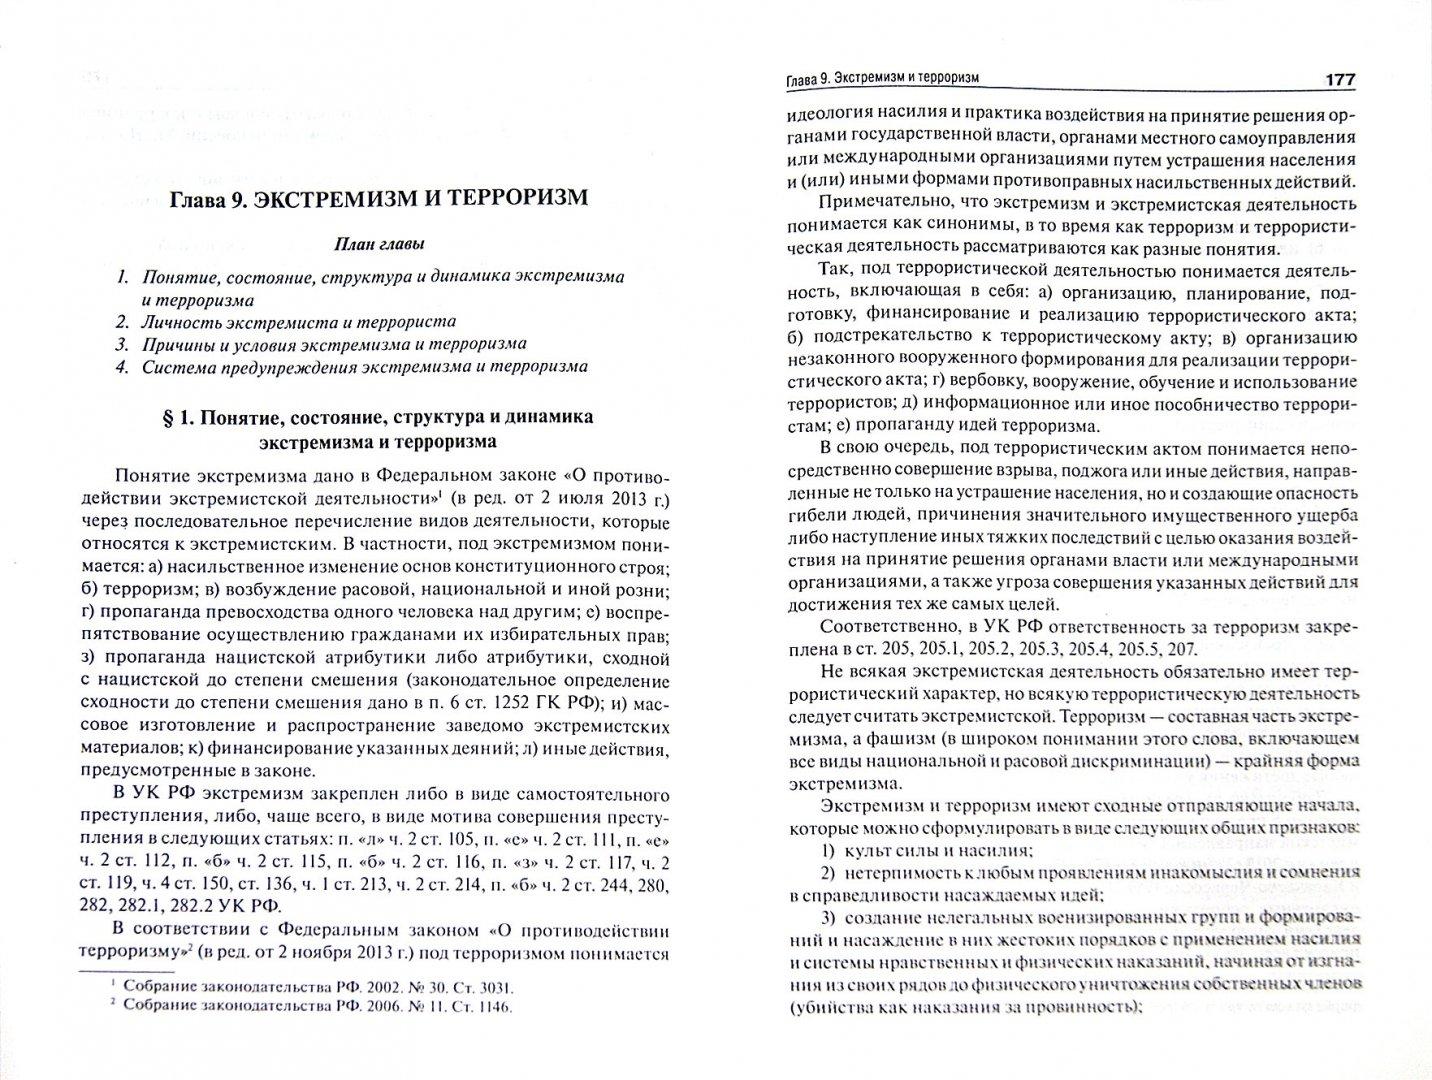 Иллюстрация 1 из 5 для Криминология. Учебник для бакалавров - Эминов, Дашков, Мацкевич, Королева   Лабиринт - книги. Источник: Лабиринт